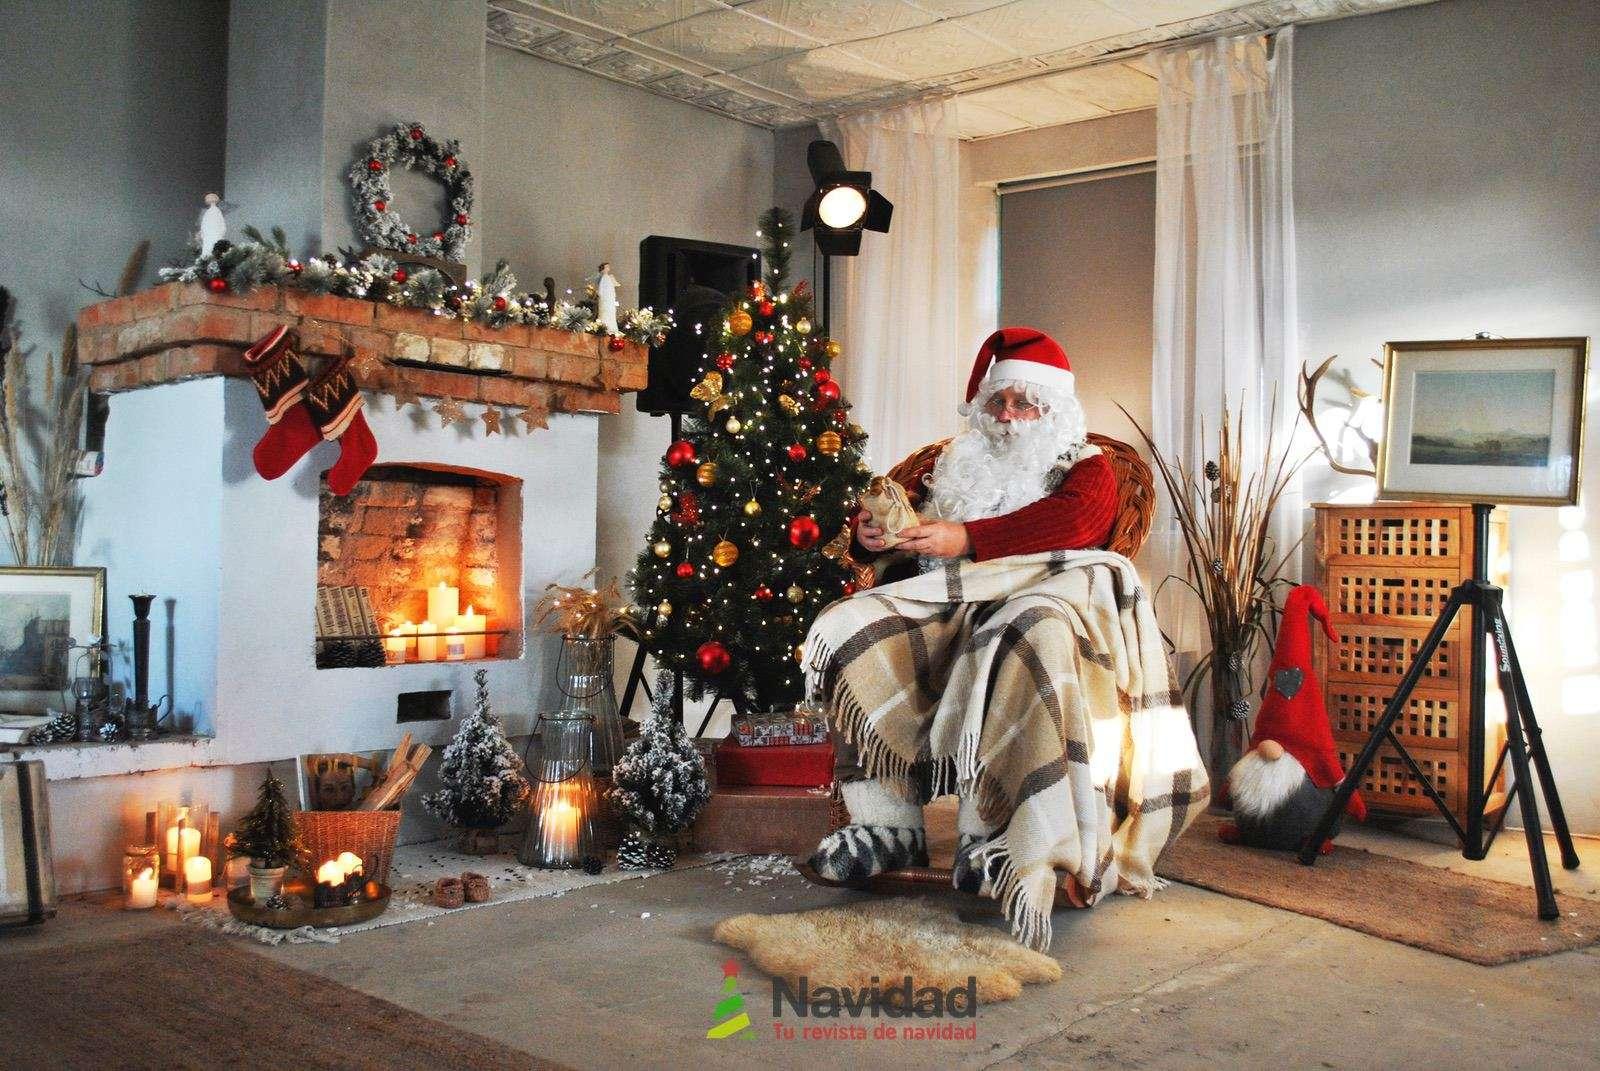 Chimeneas de Navidad para decorar y dar calor en fiestas 53